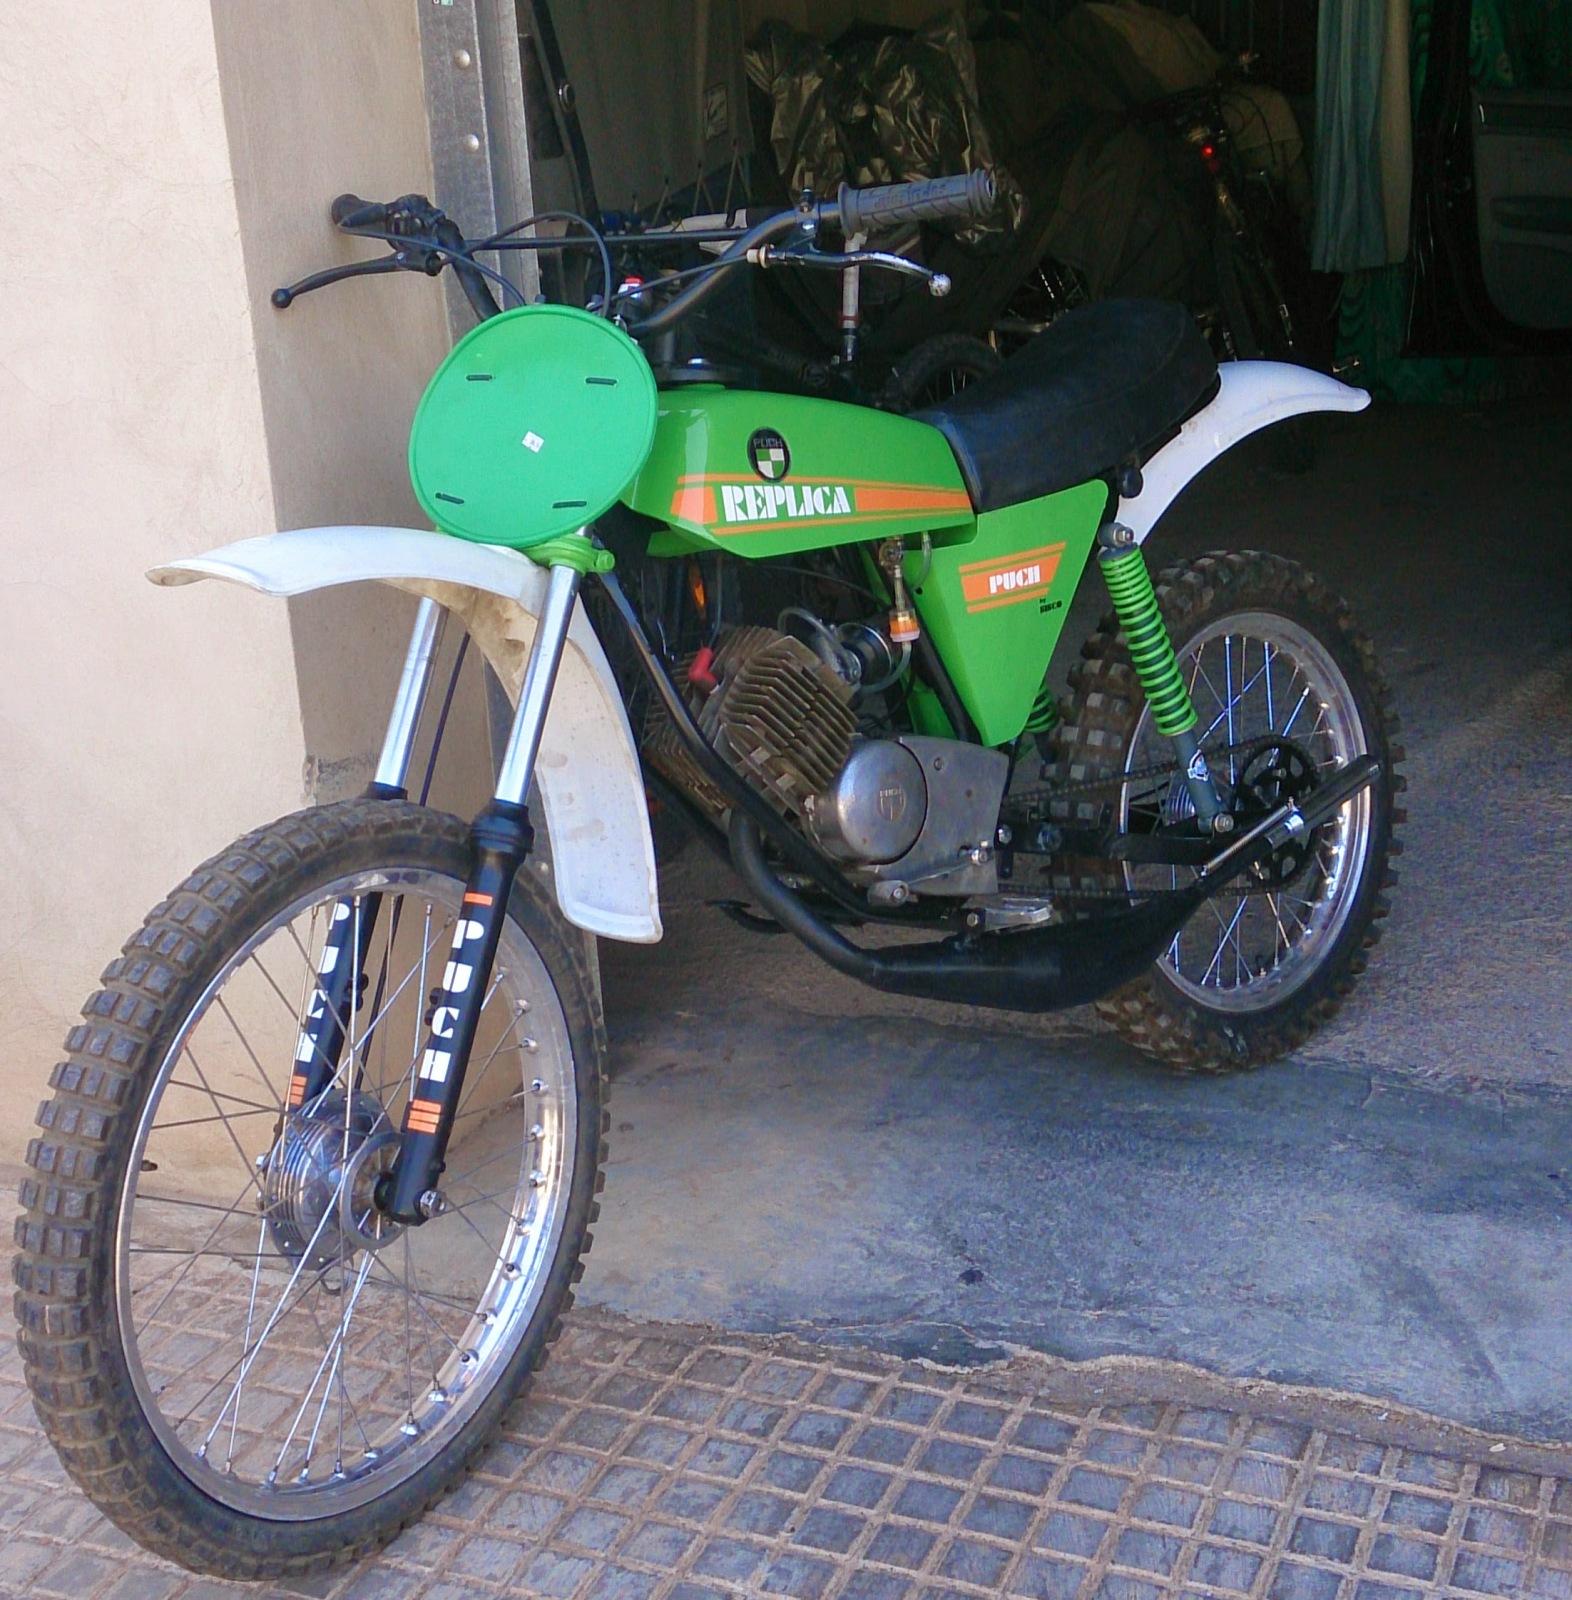 Puch Minicross Super con preparacion Cobra - Página 3 2a965c8